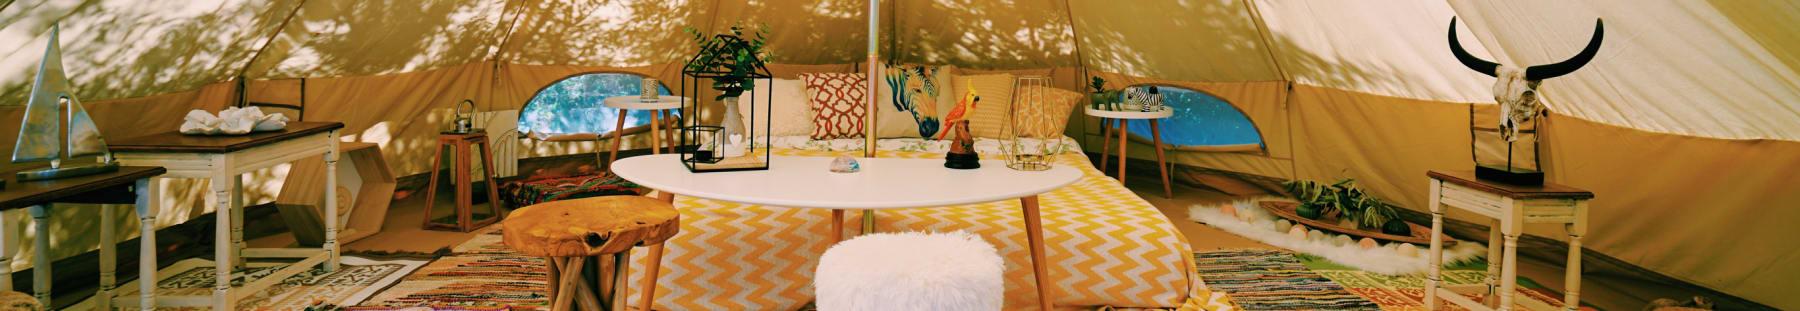 田町駅の屋内キャンプ向けなレンタルスペース